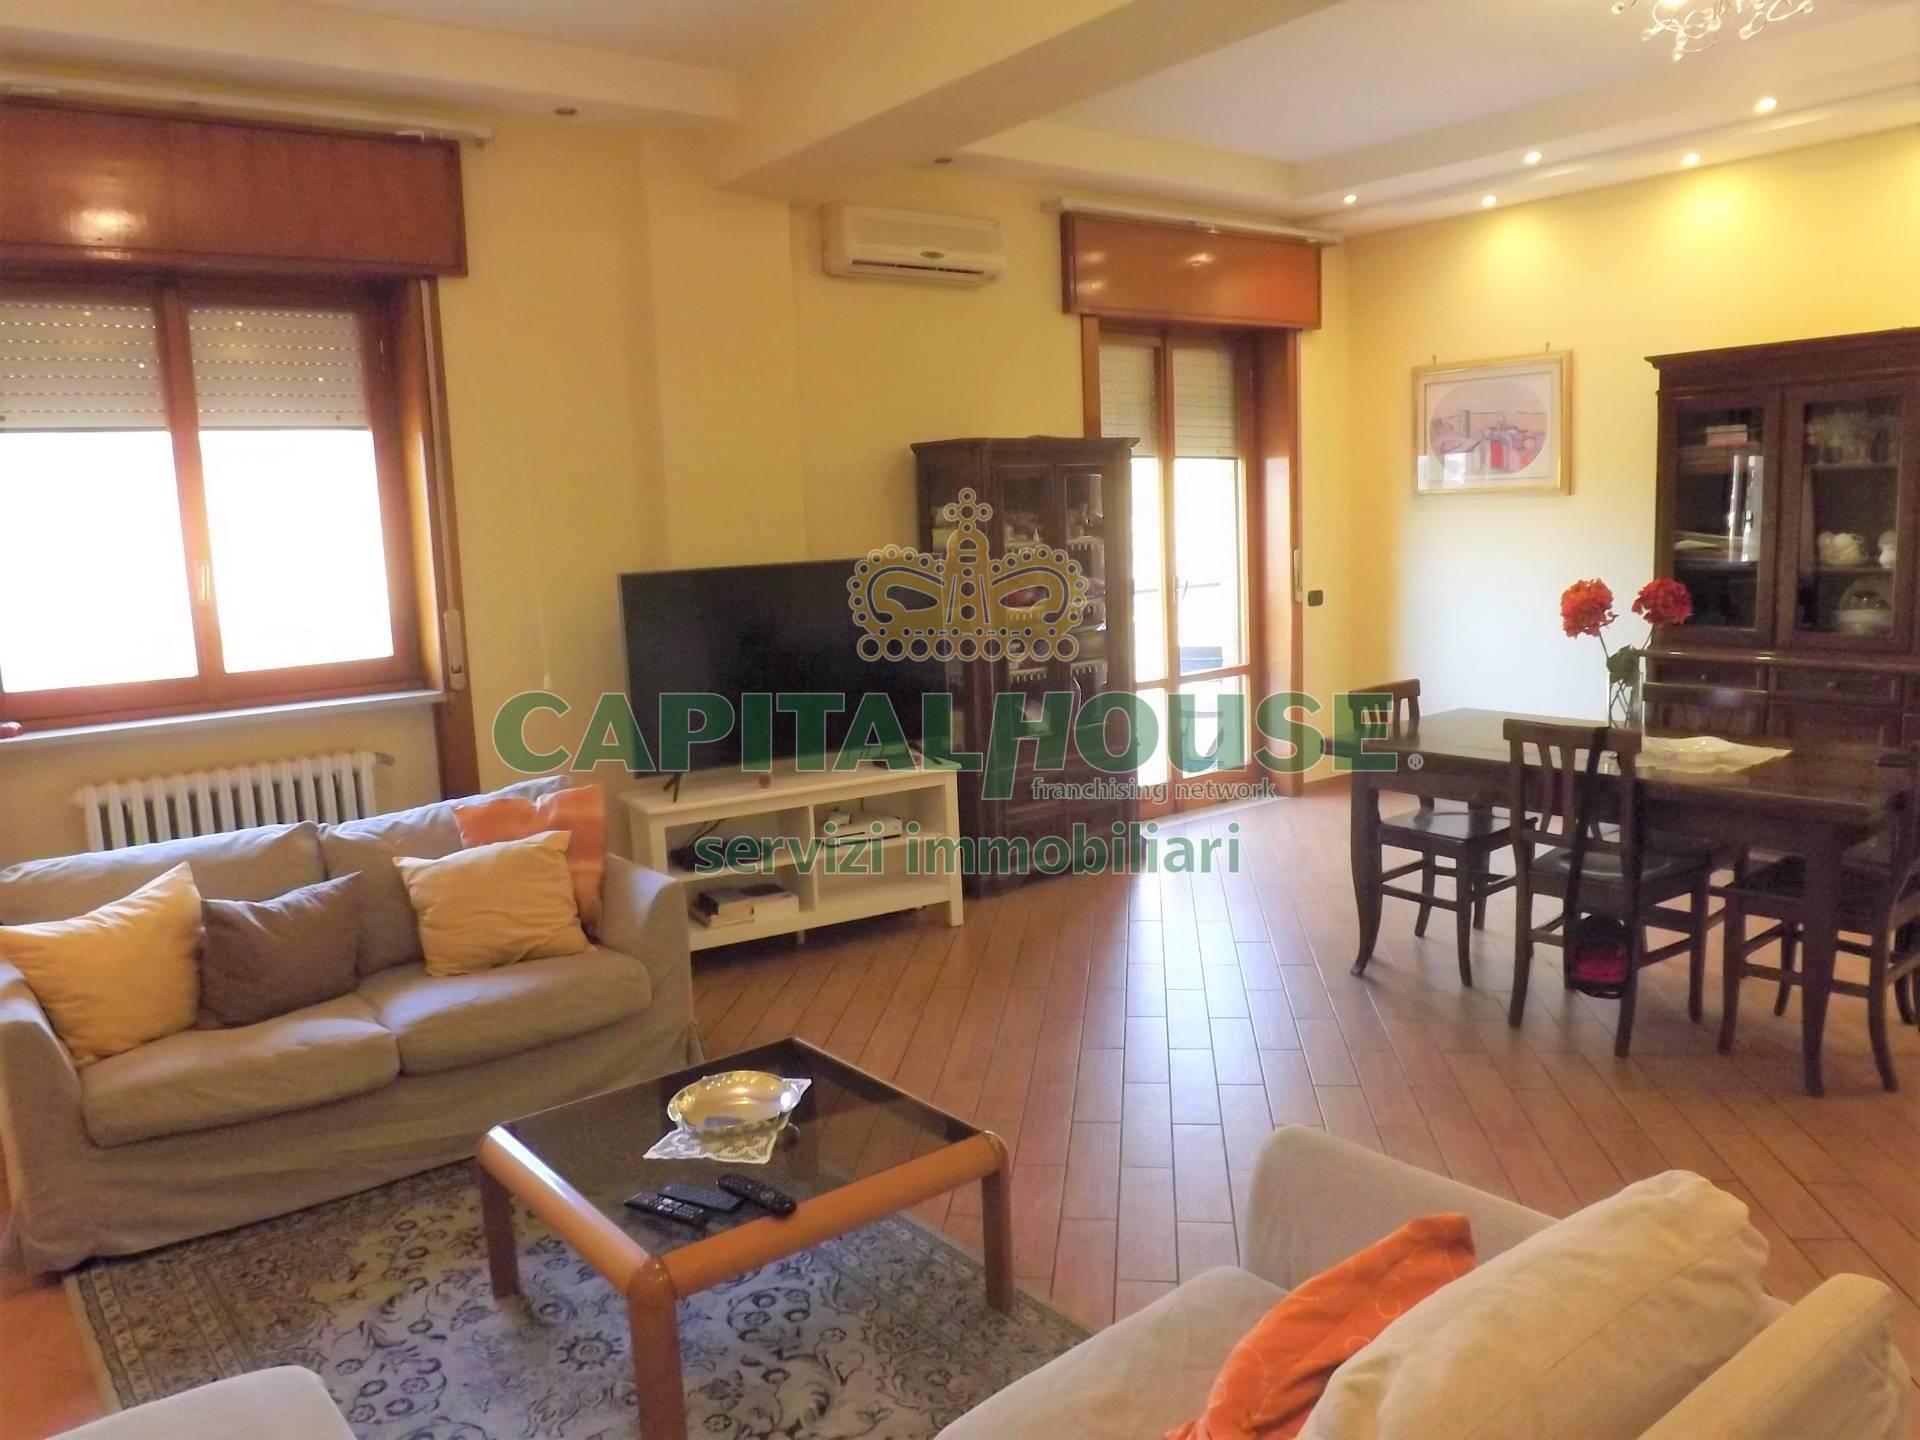 Appartamento in vendita a Atripalda, 4 locali, prezzo € 155.000 | CambioCasa.it